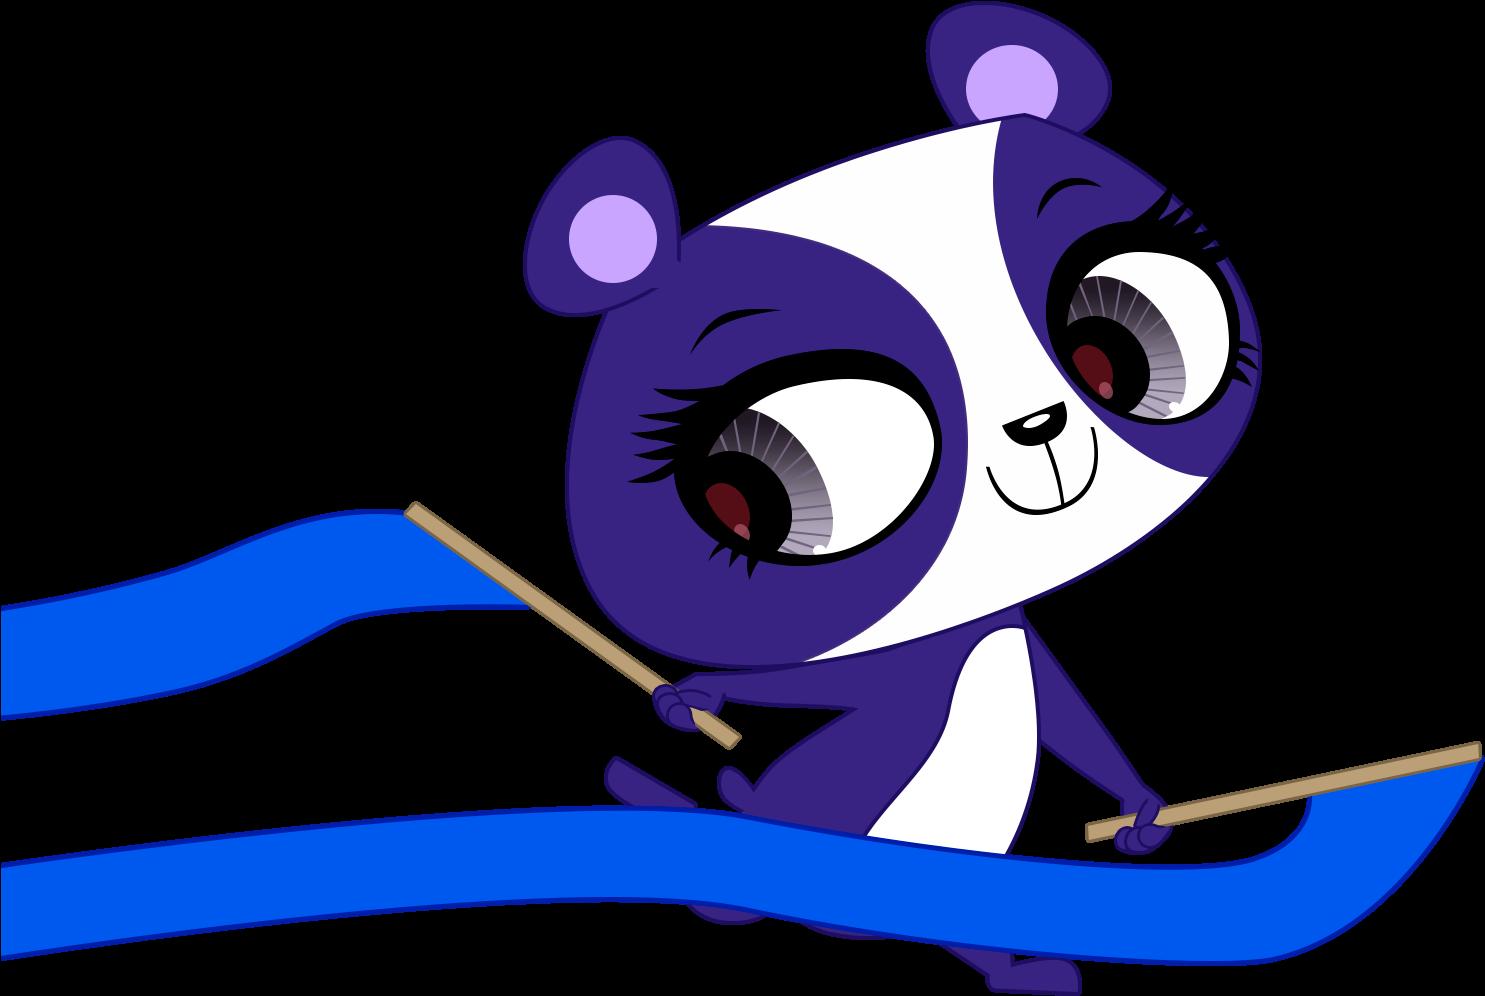 Картинки из лителес пет шоп панда